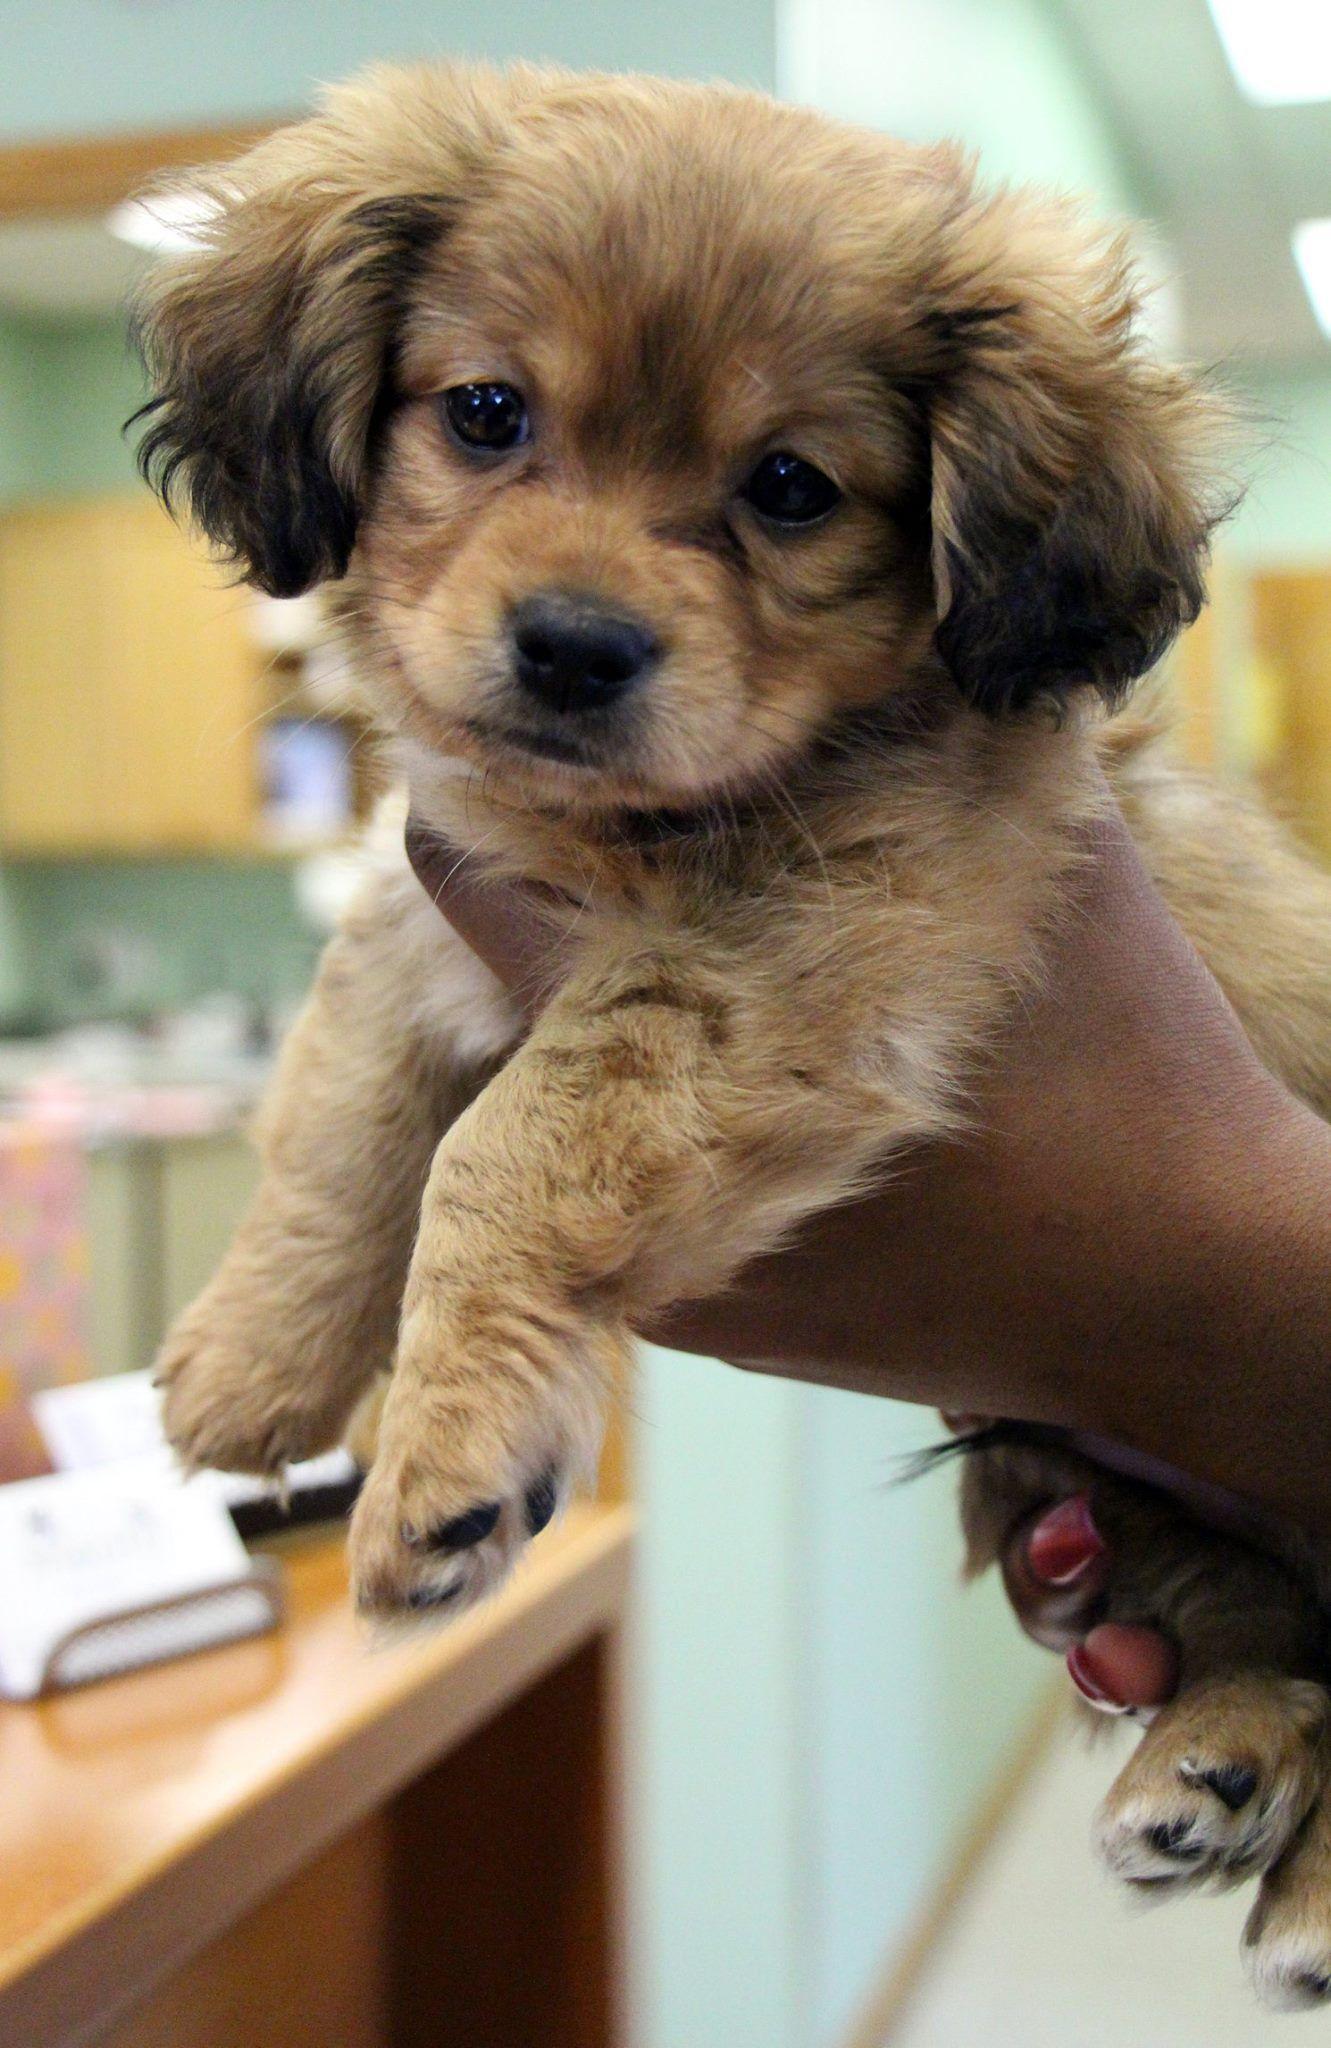 SportsVet AMC DogsOfPinterest Dogs Pet health care